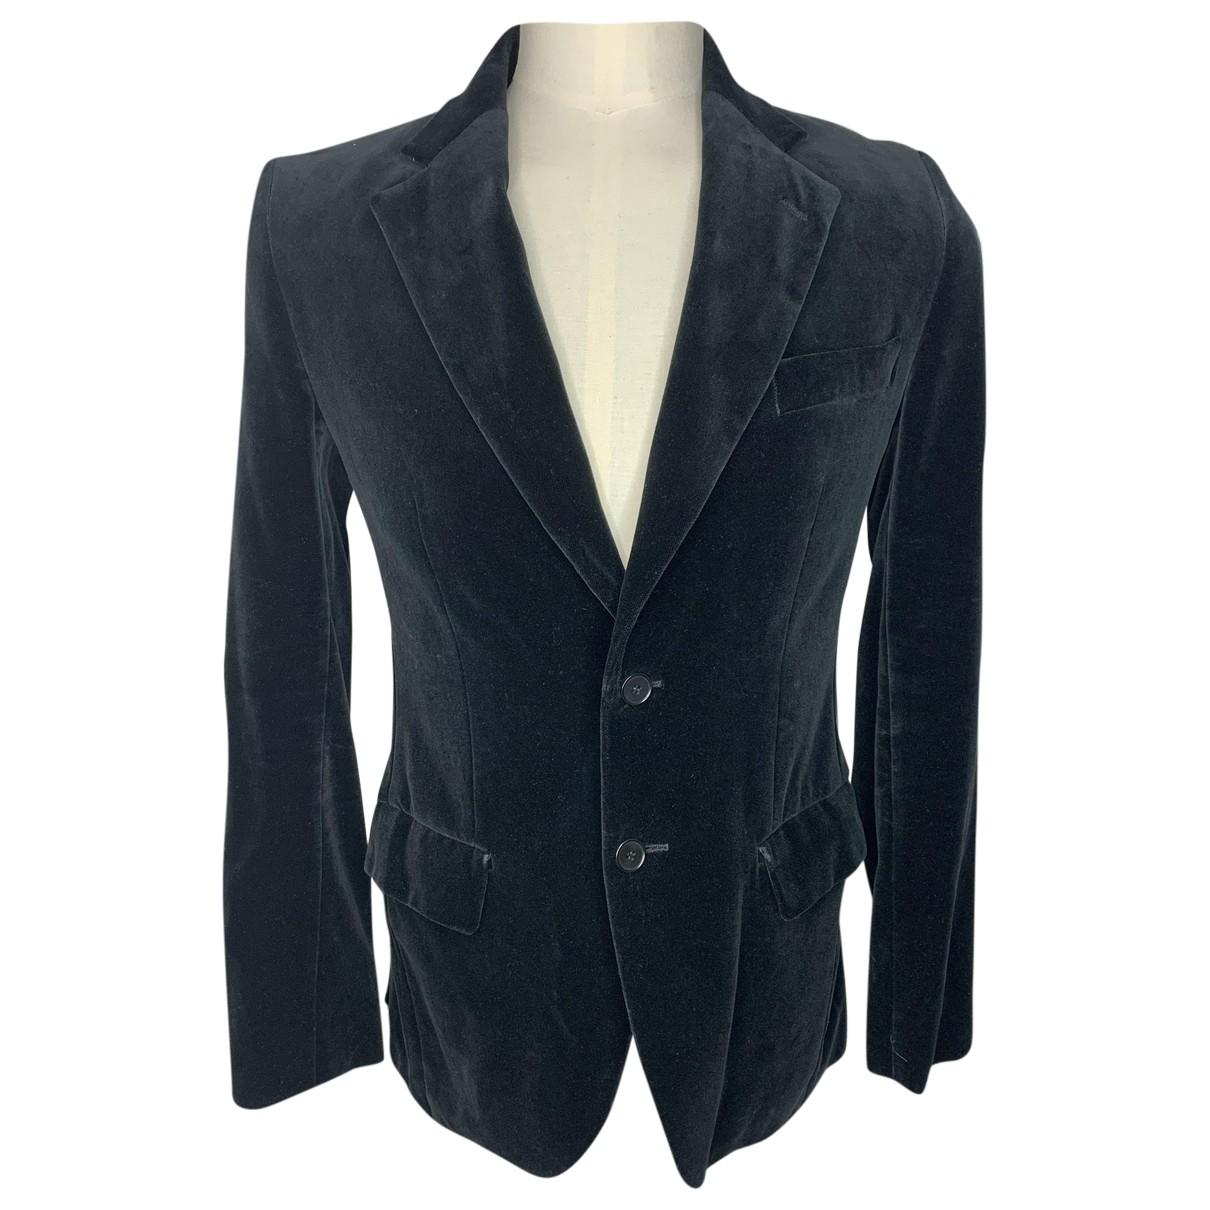 Zara - Vestes.Blousons   pour homme en velours - noir